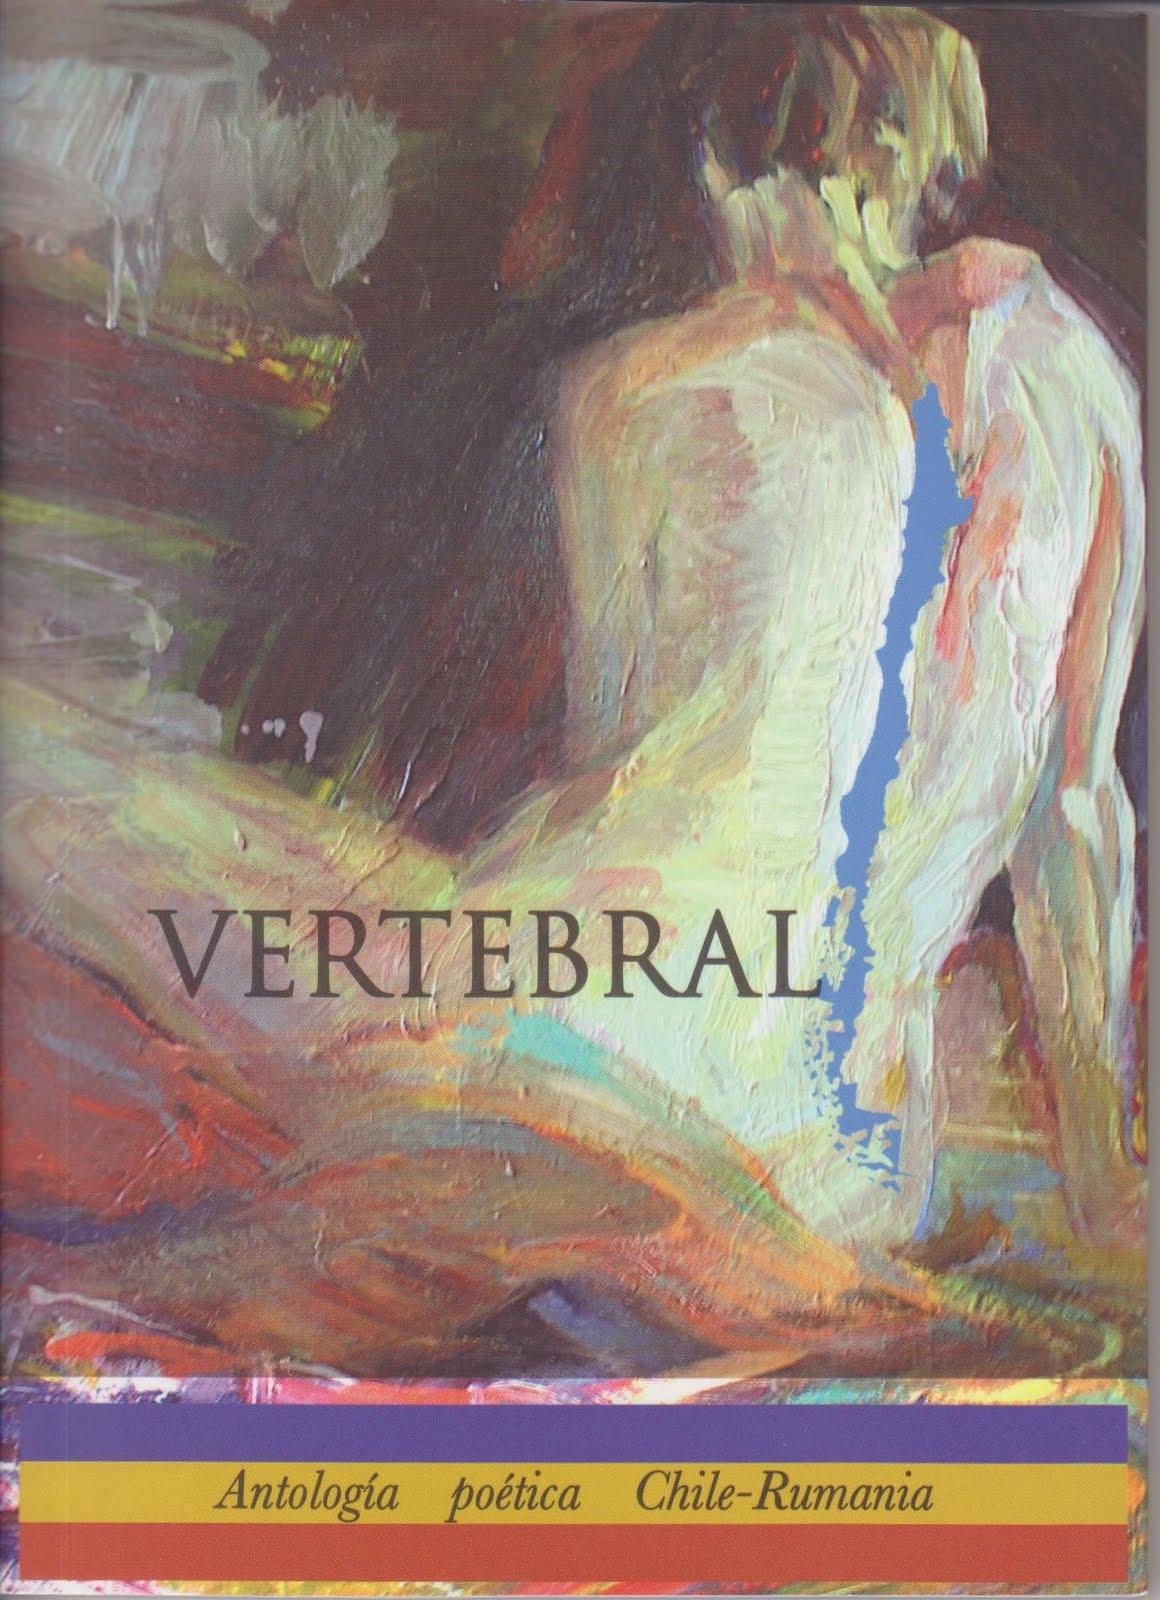 VERTEBRAL Antología poética español-rumano (Ed. Signo, Santiago de Chile, 2017)